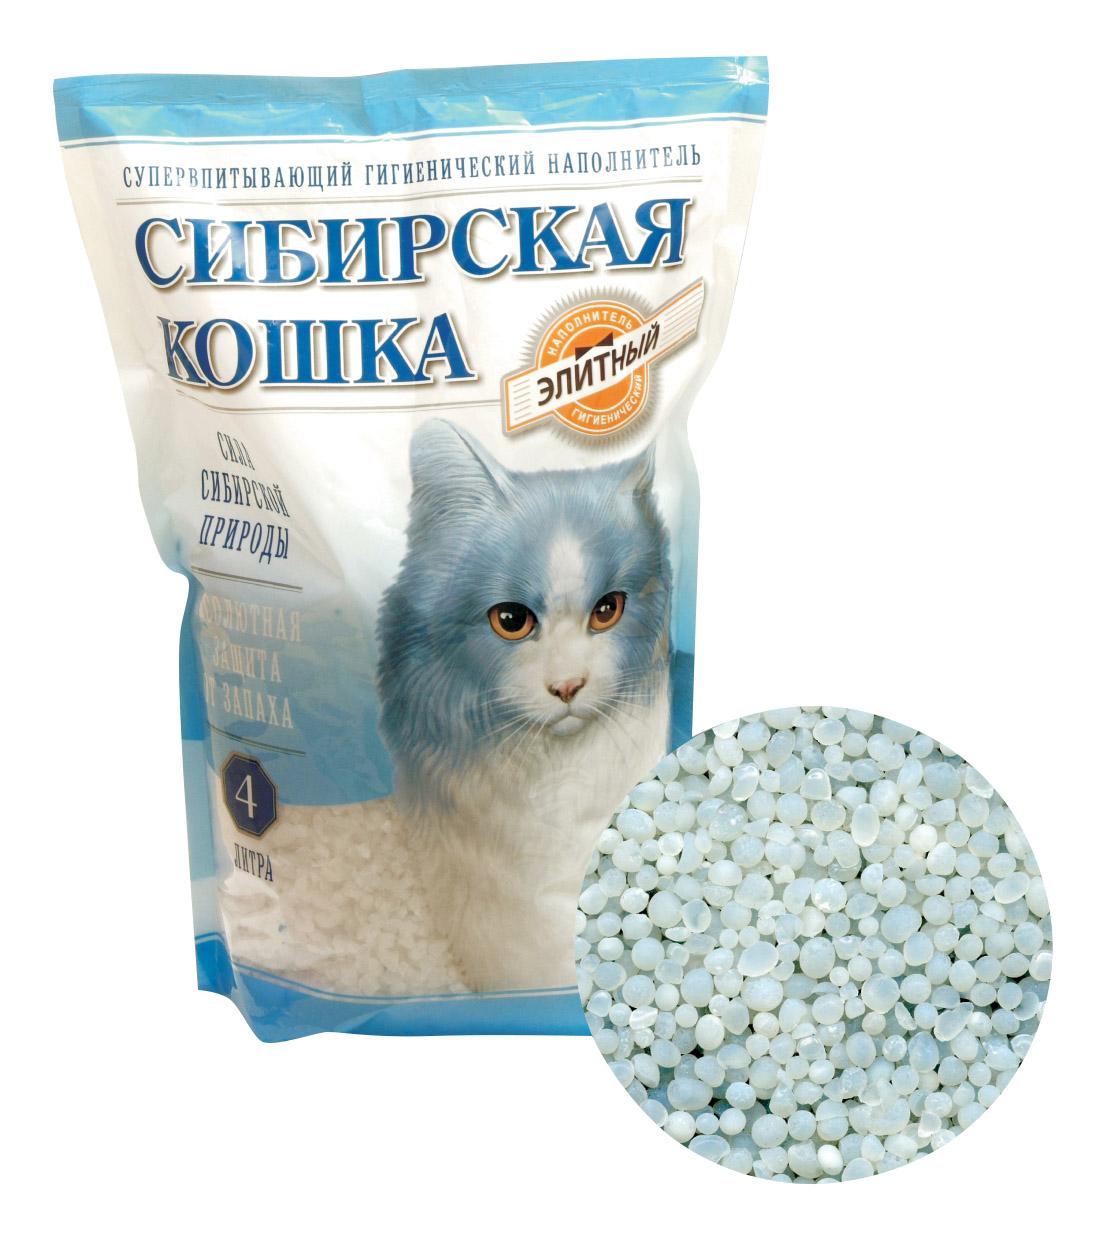 Впитывающий наполнитель для кошек Сибирская кошка Элита силикагелевый, 1.85 кг, 4 л фото